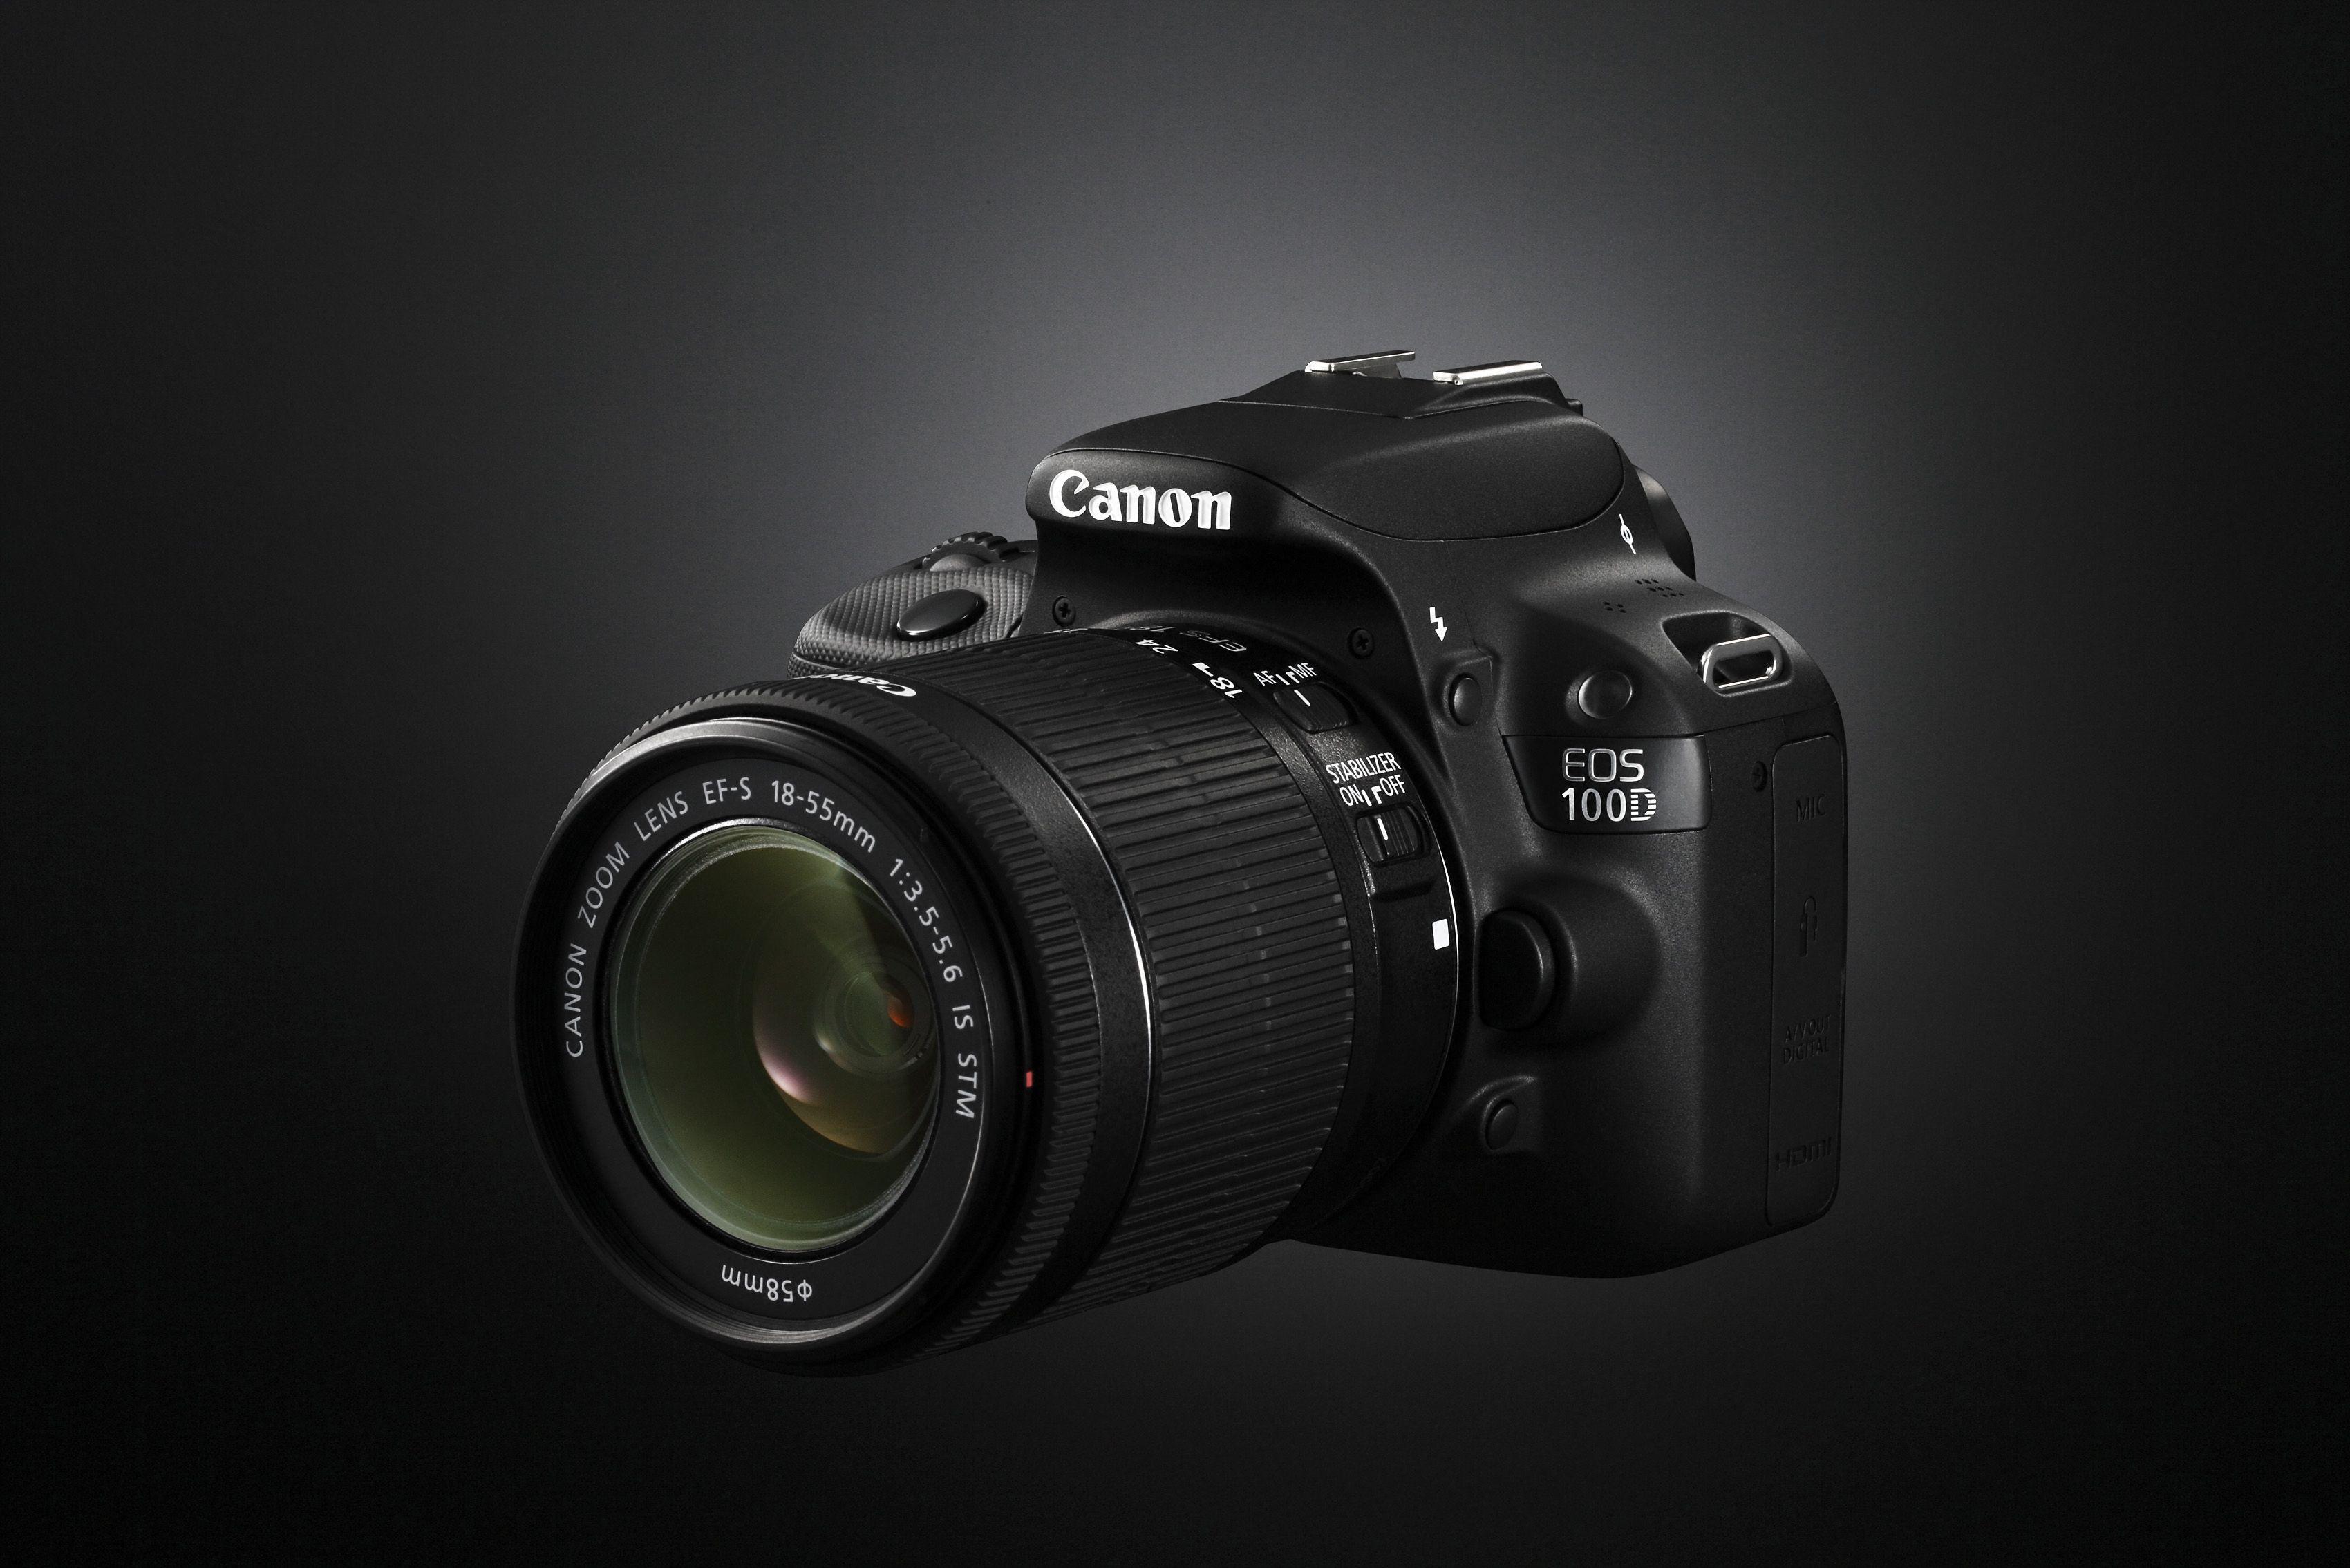 Canon EOS 100D.Foto: Paal Mork-Knutsen, Akam.no